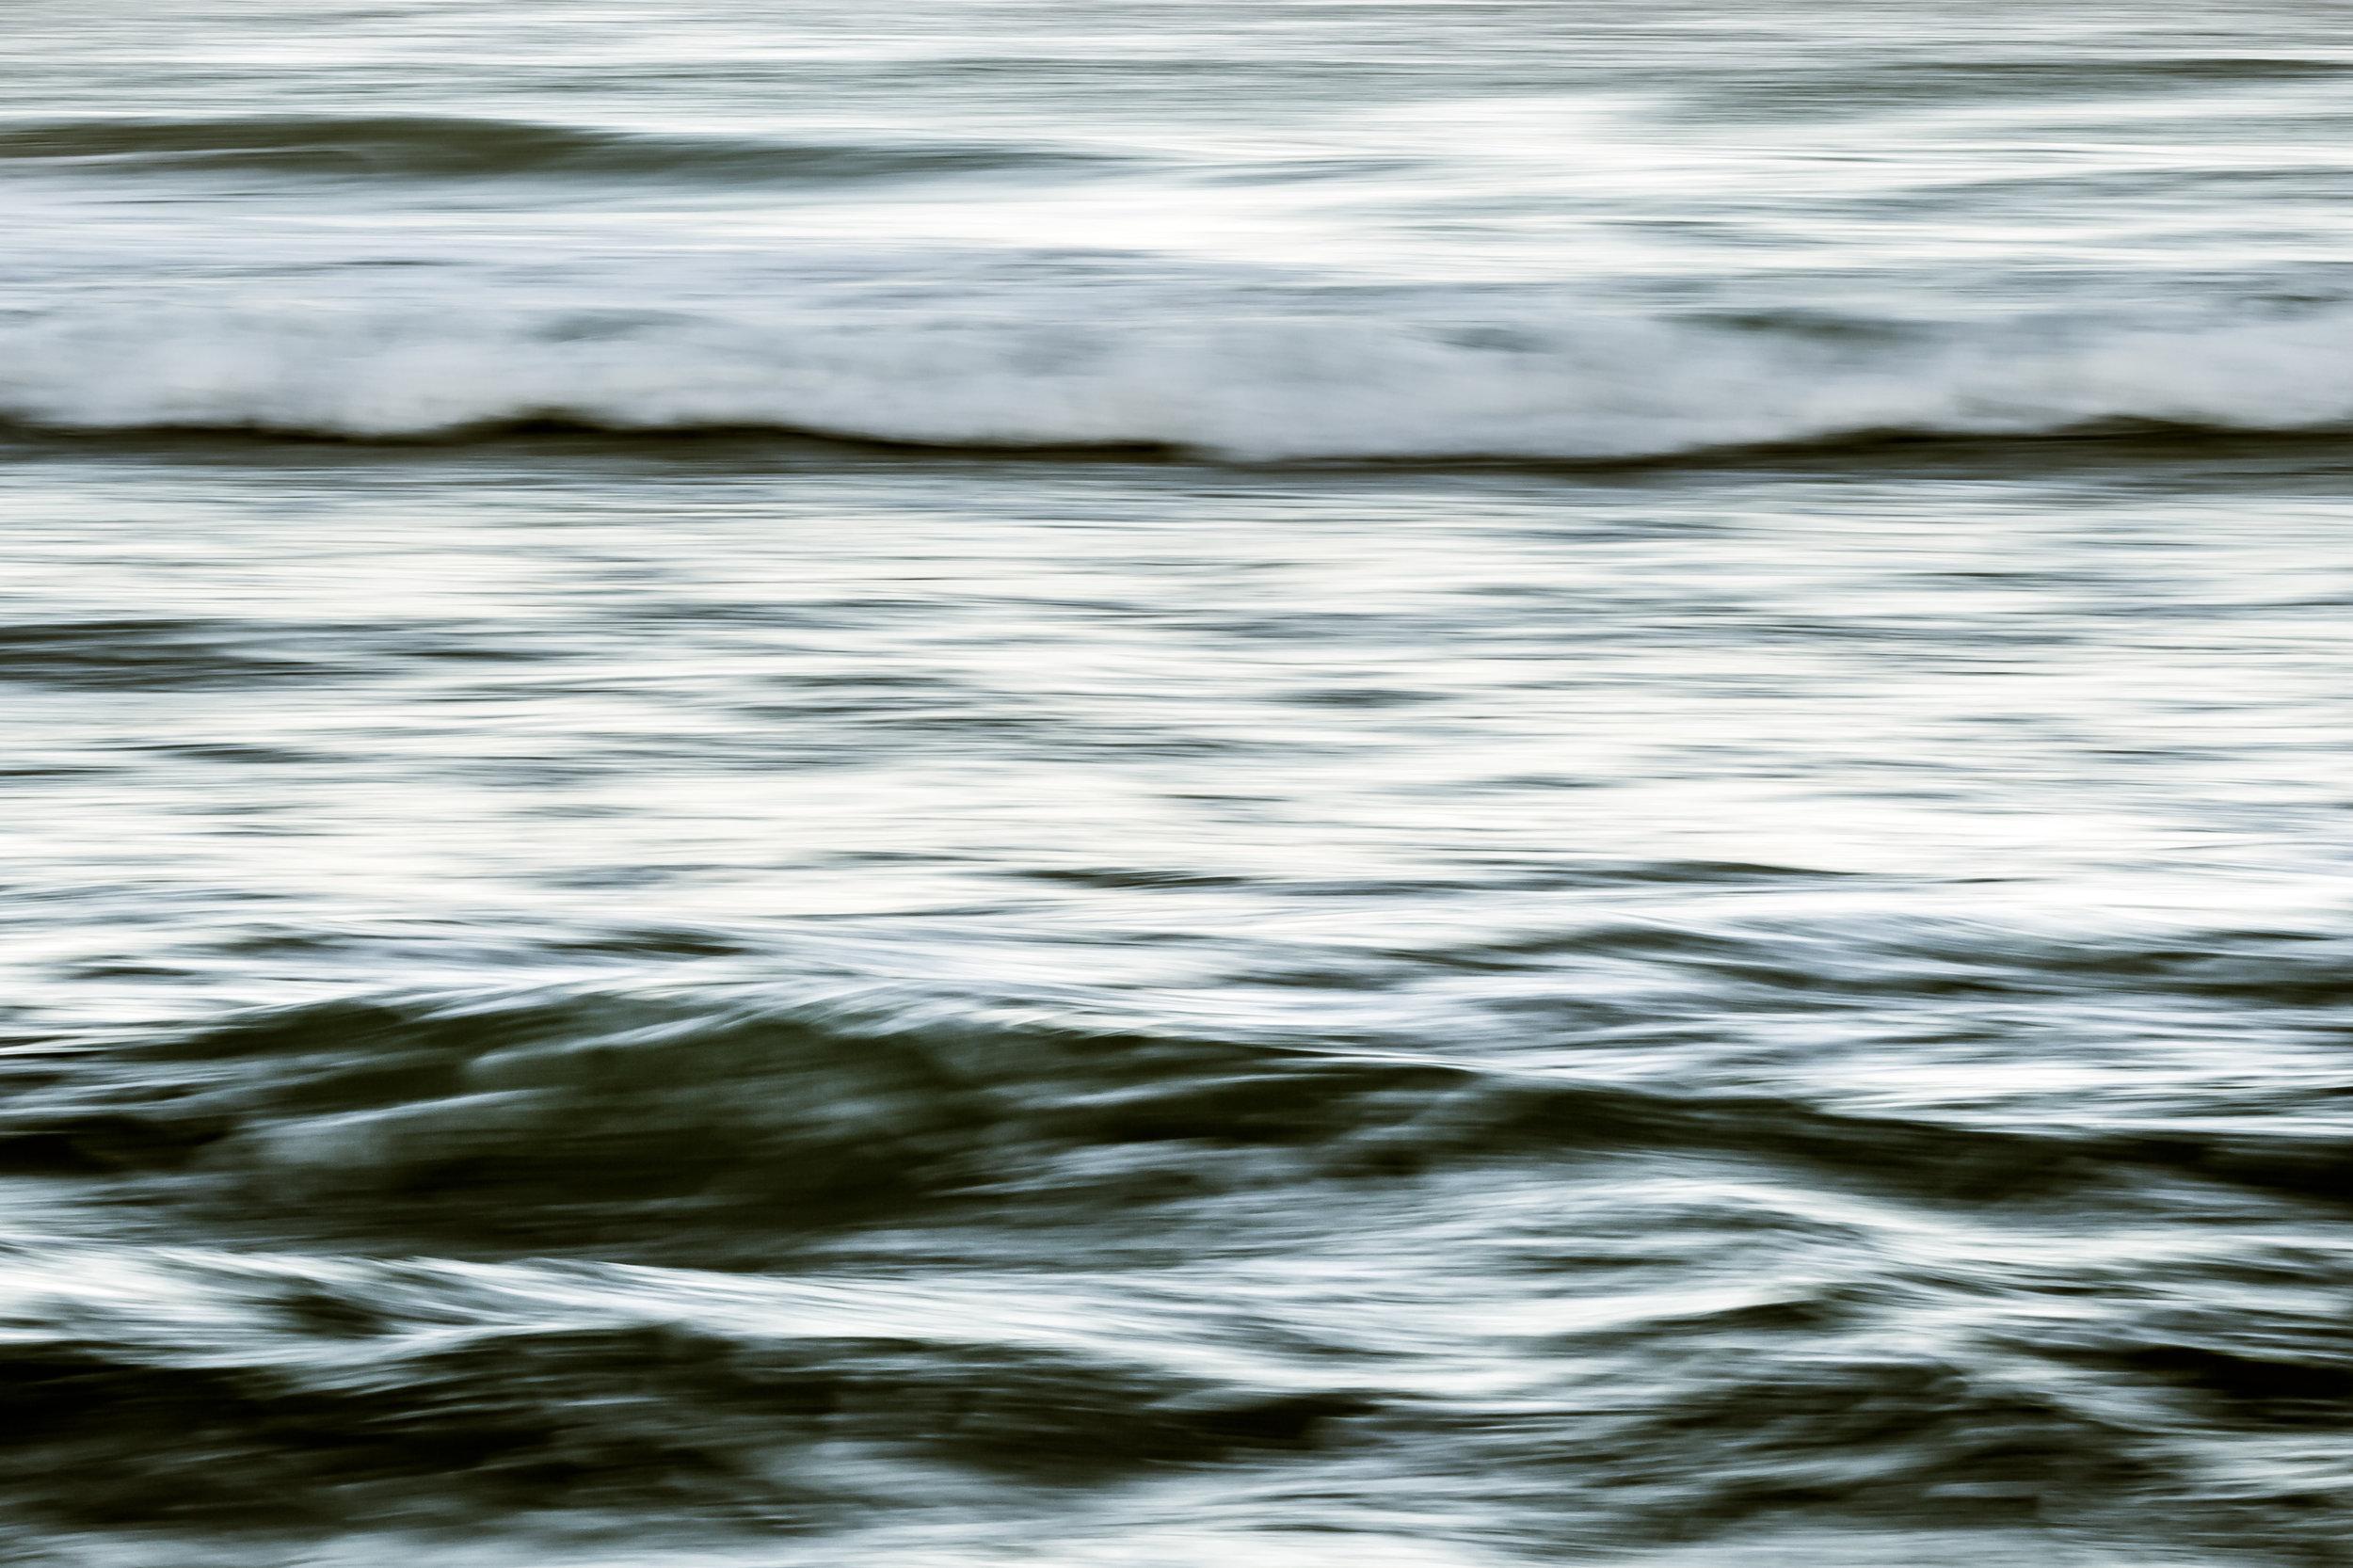 deniserixphotographs-submerge1.jpg